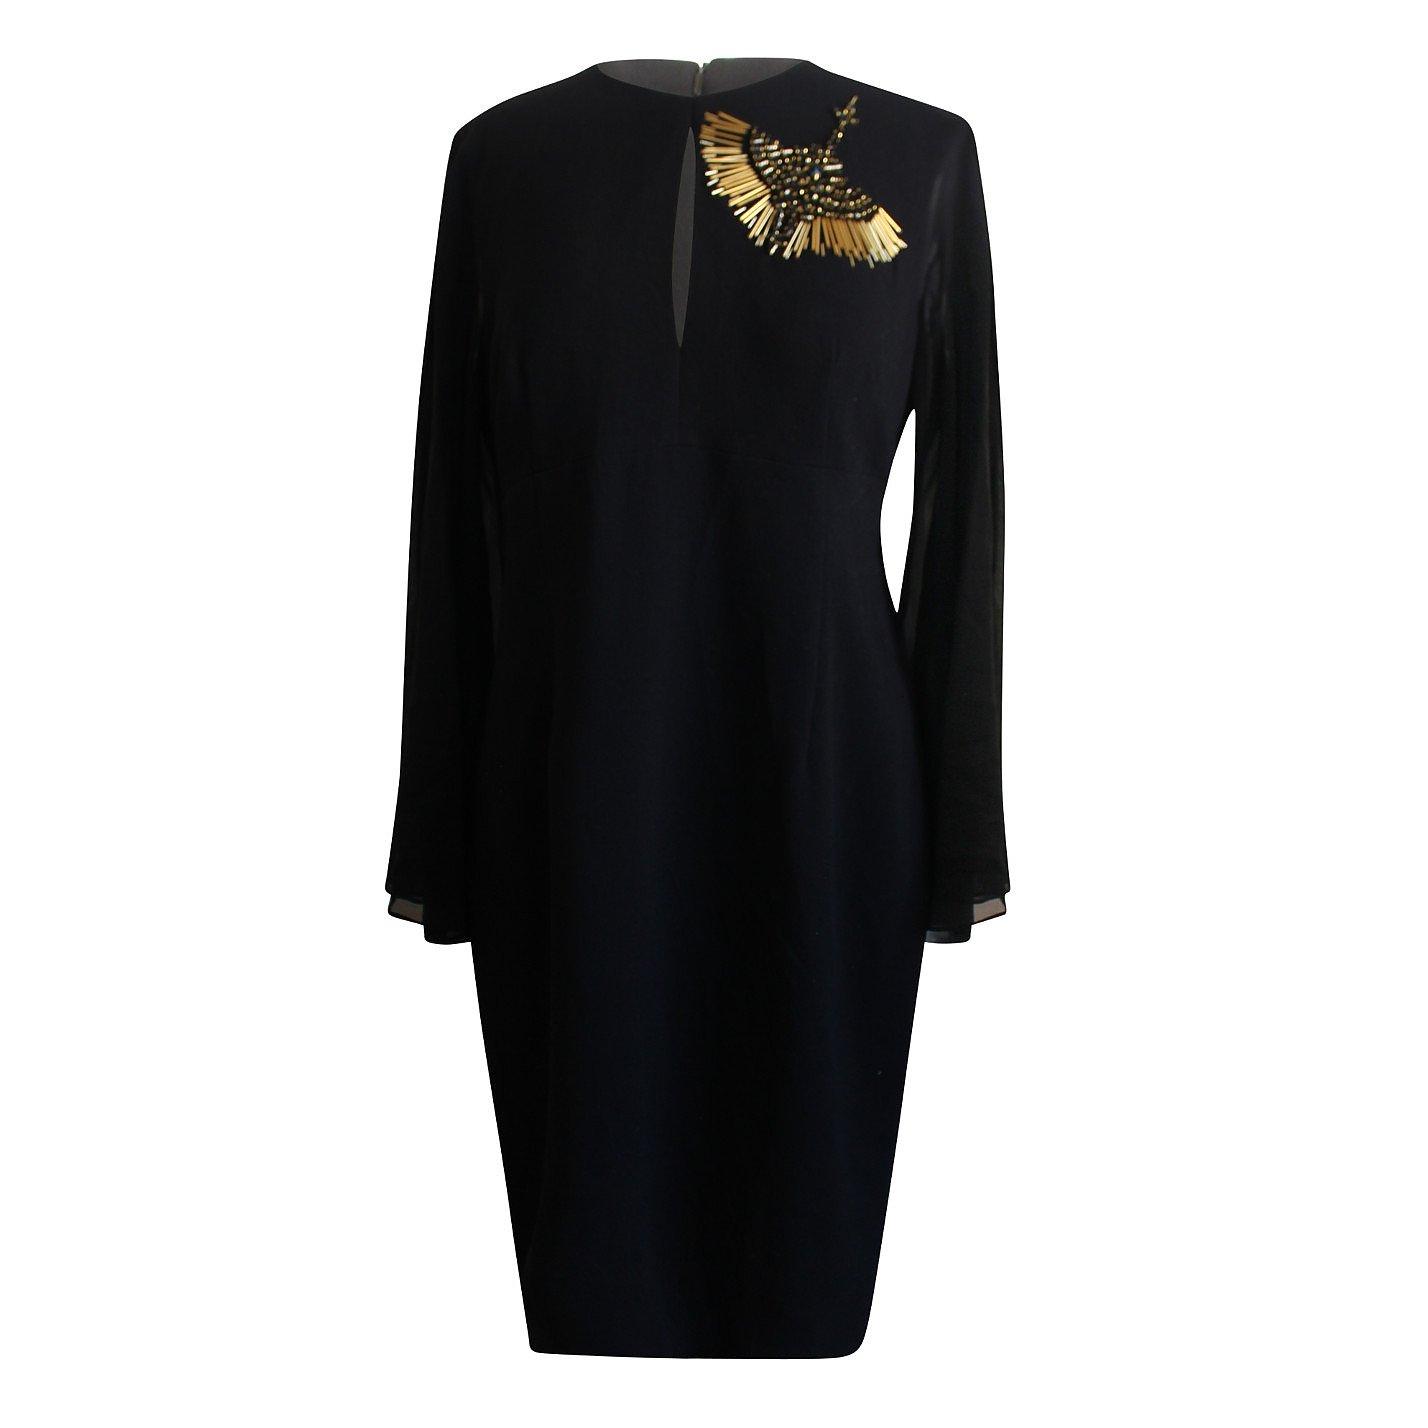 Trina Turk Embellished Chiffon Sheath Dress